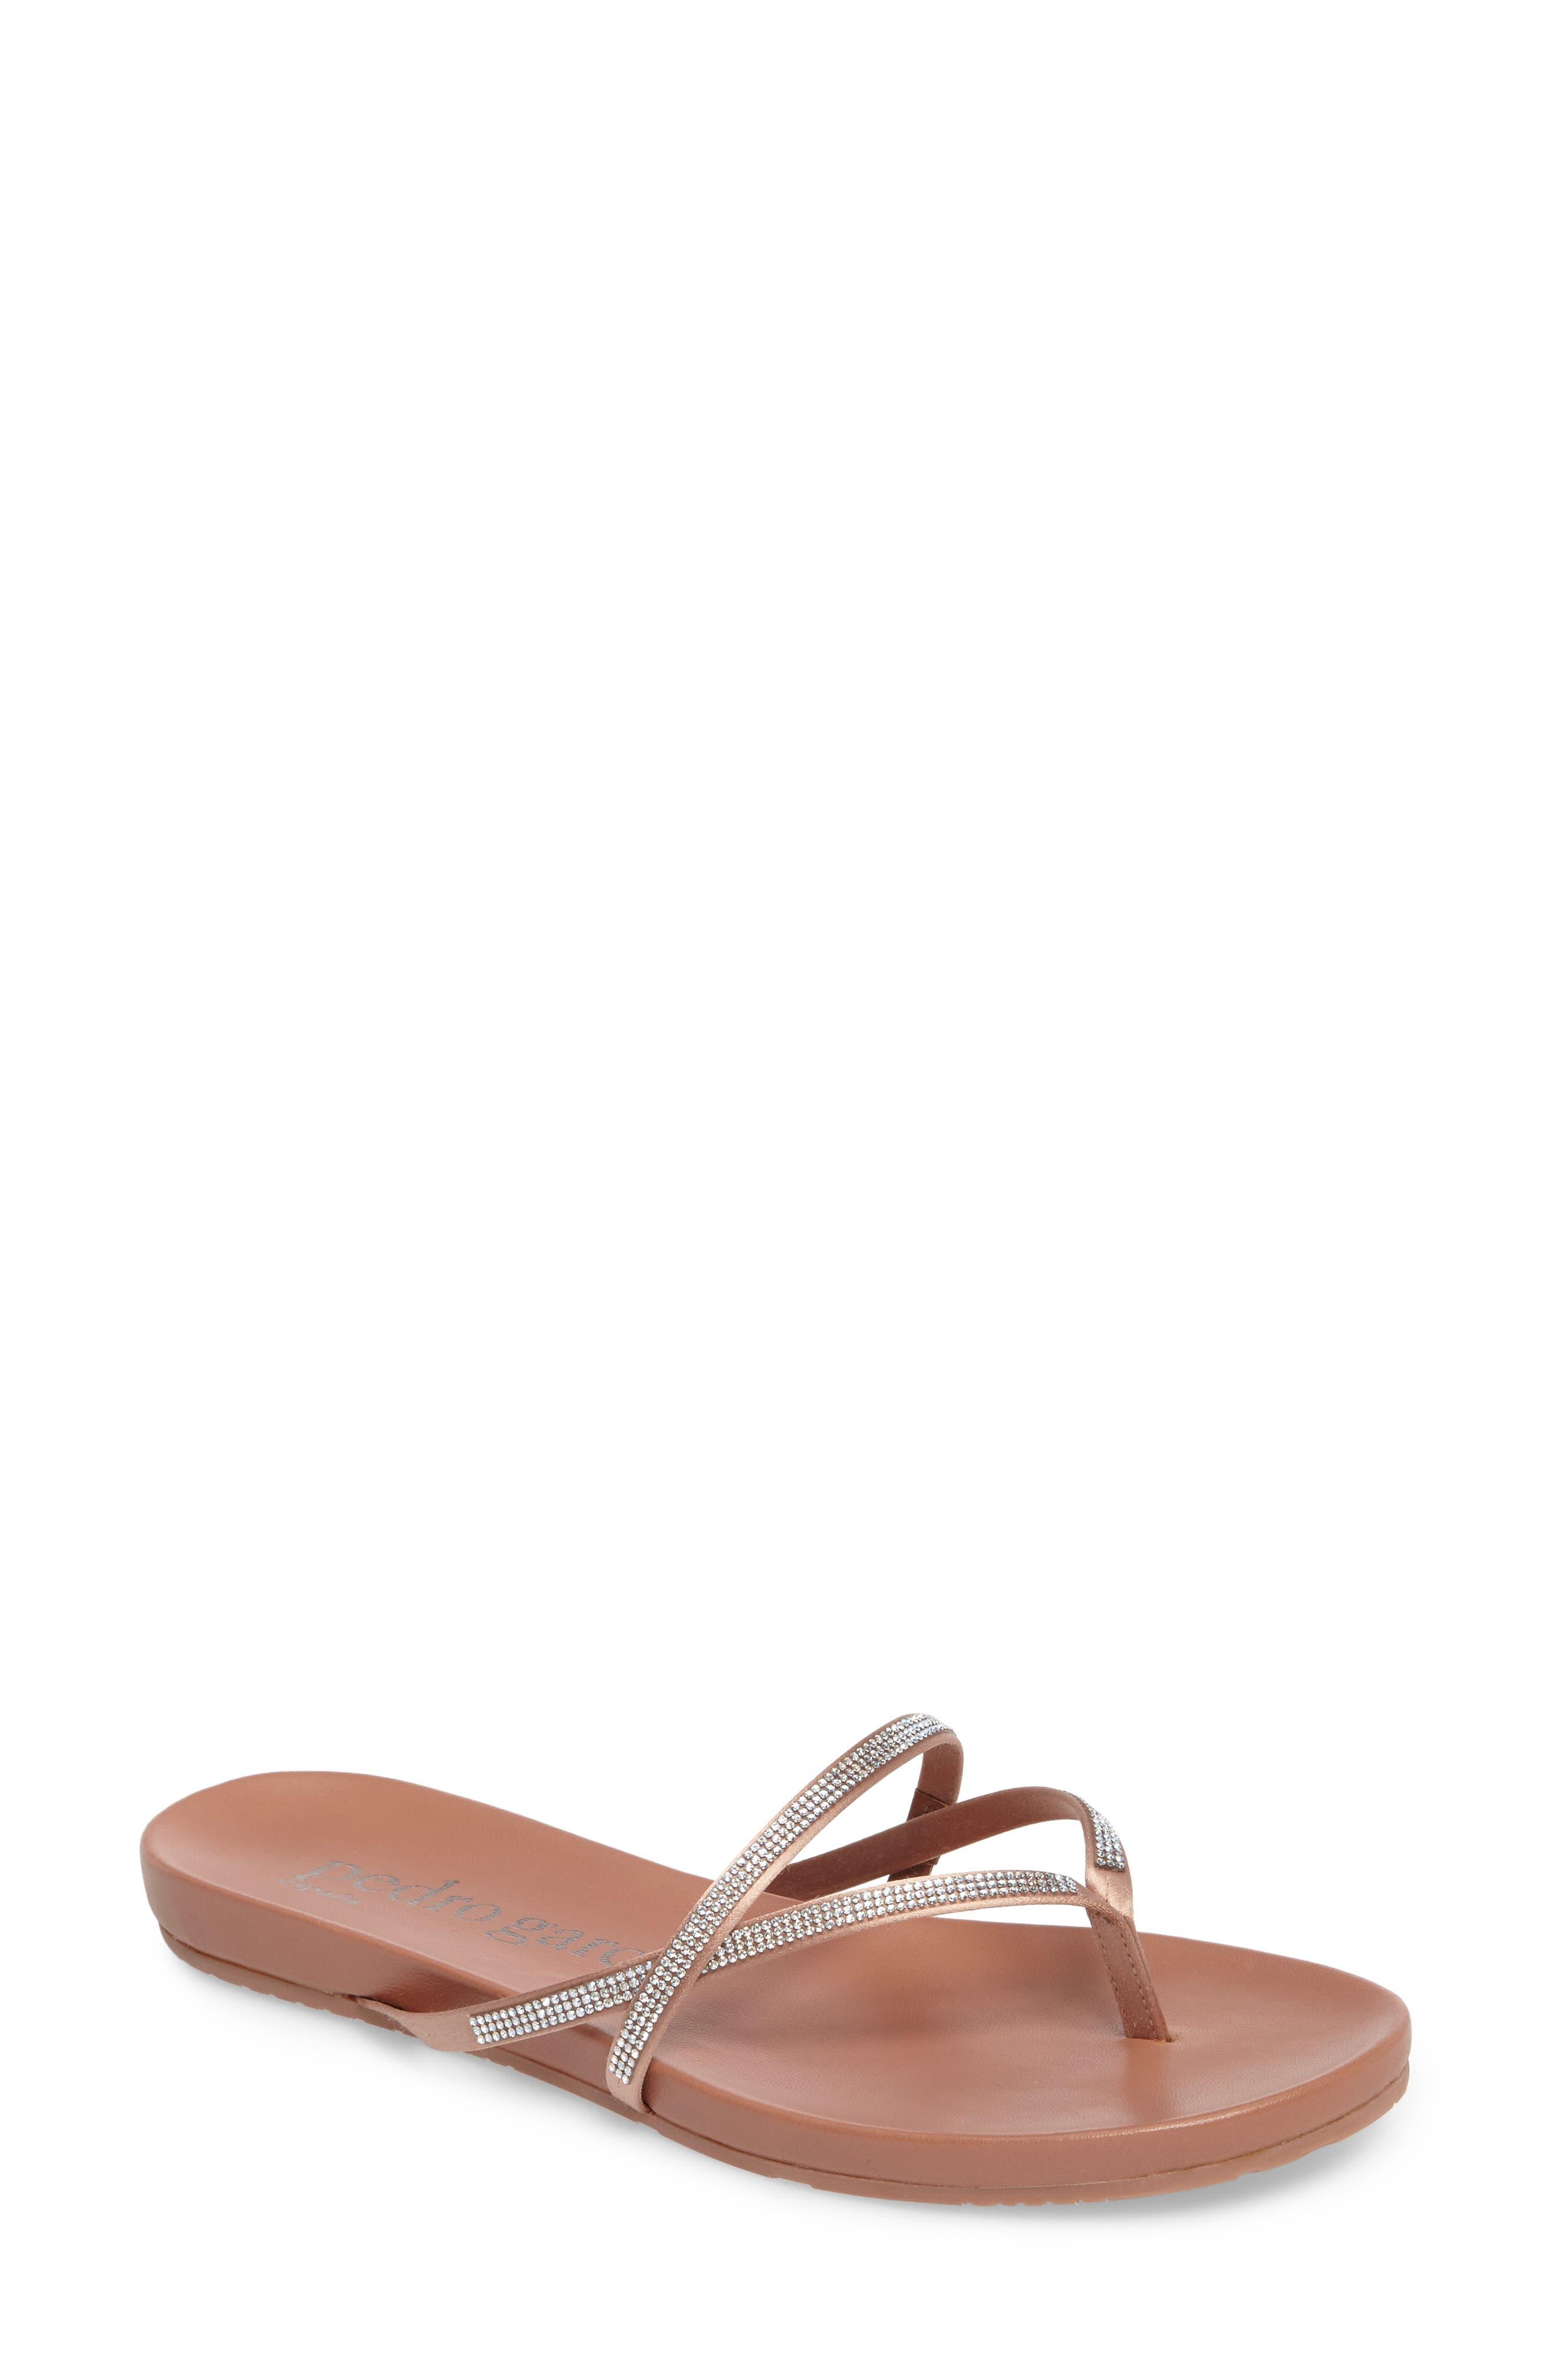 Giulia Crystal Embellished Sandal,                         Main,                         color,